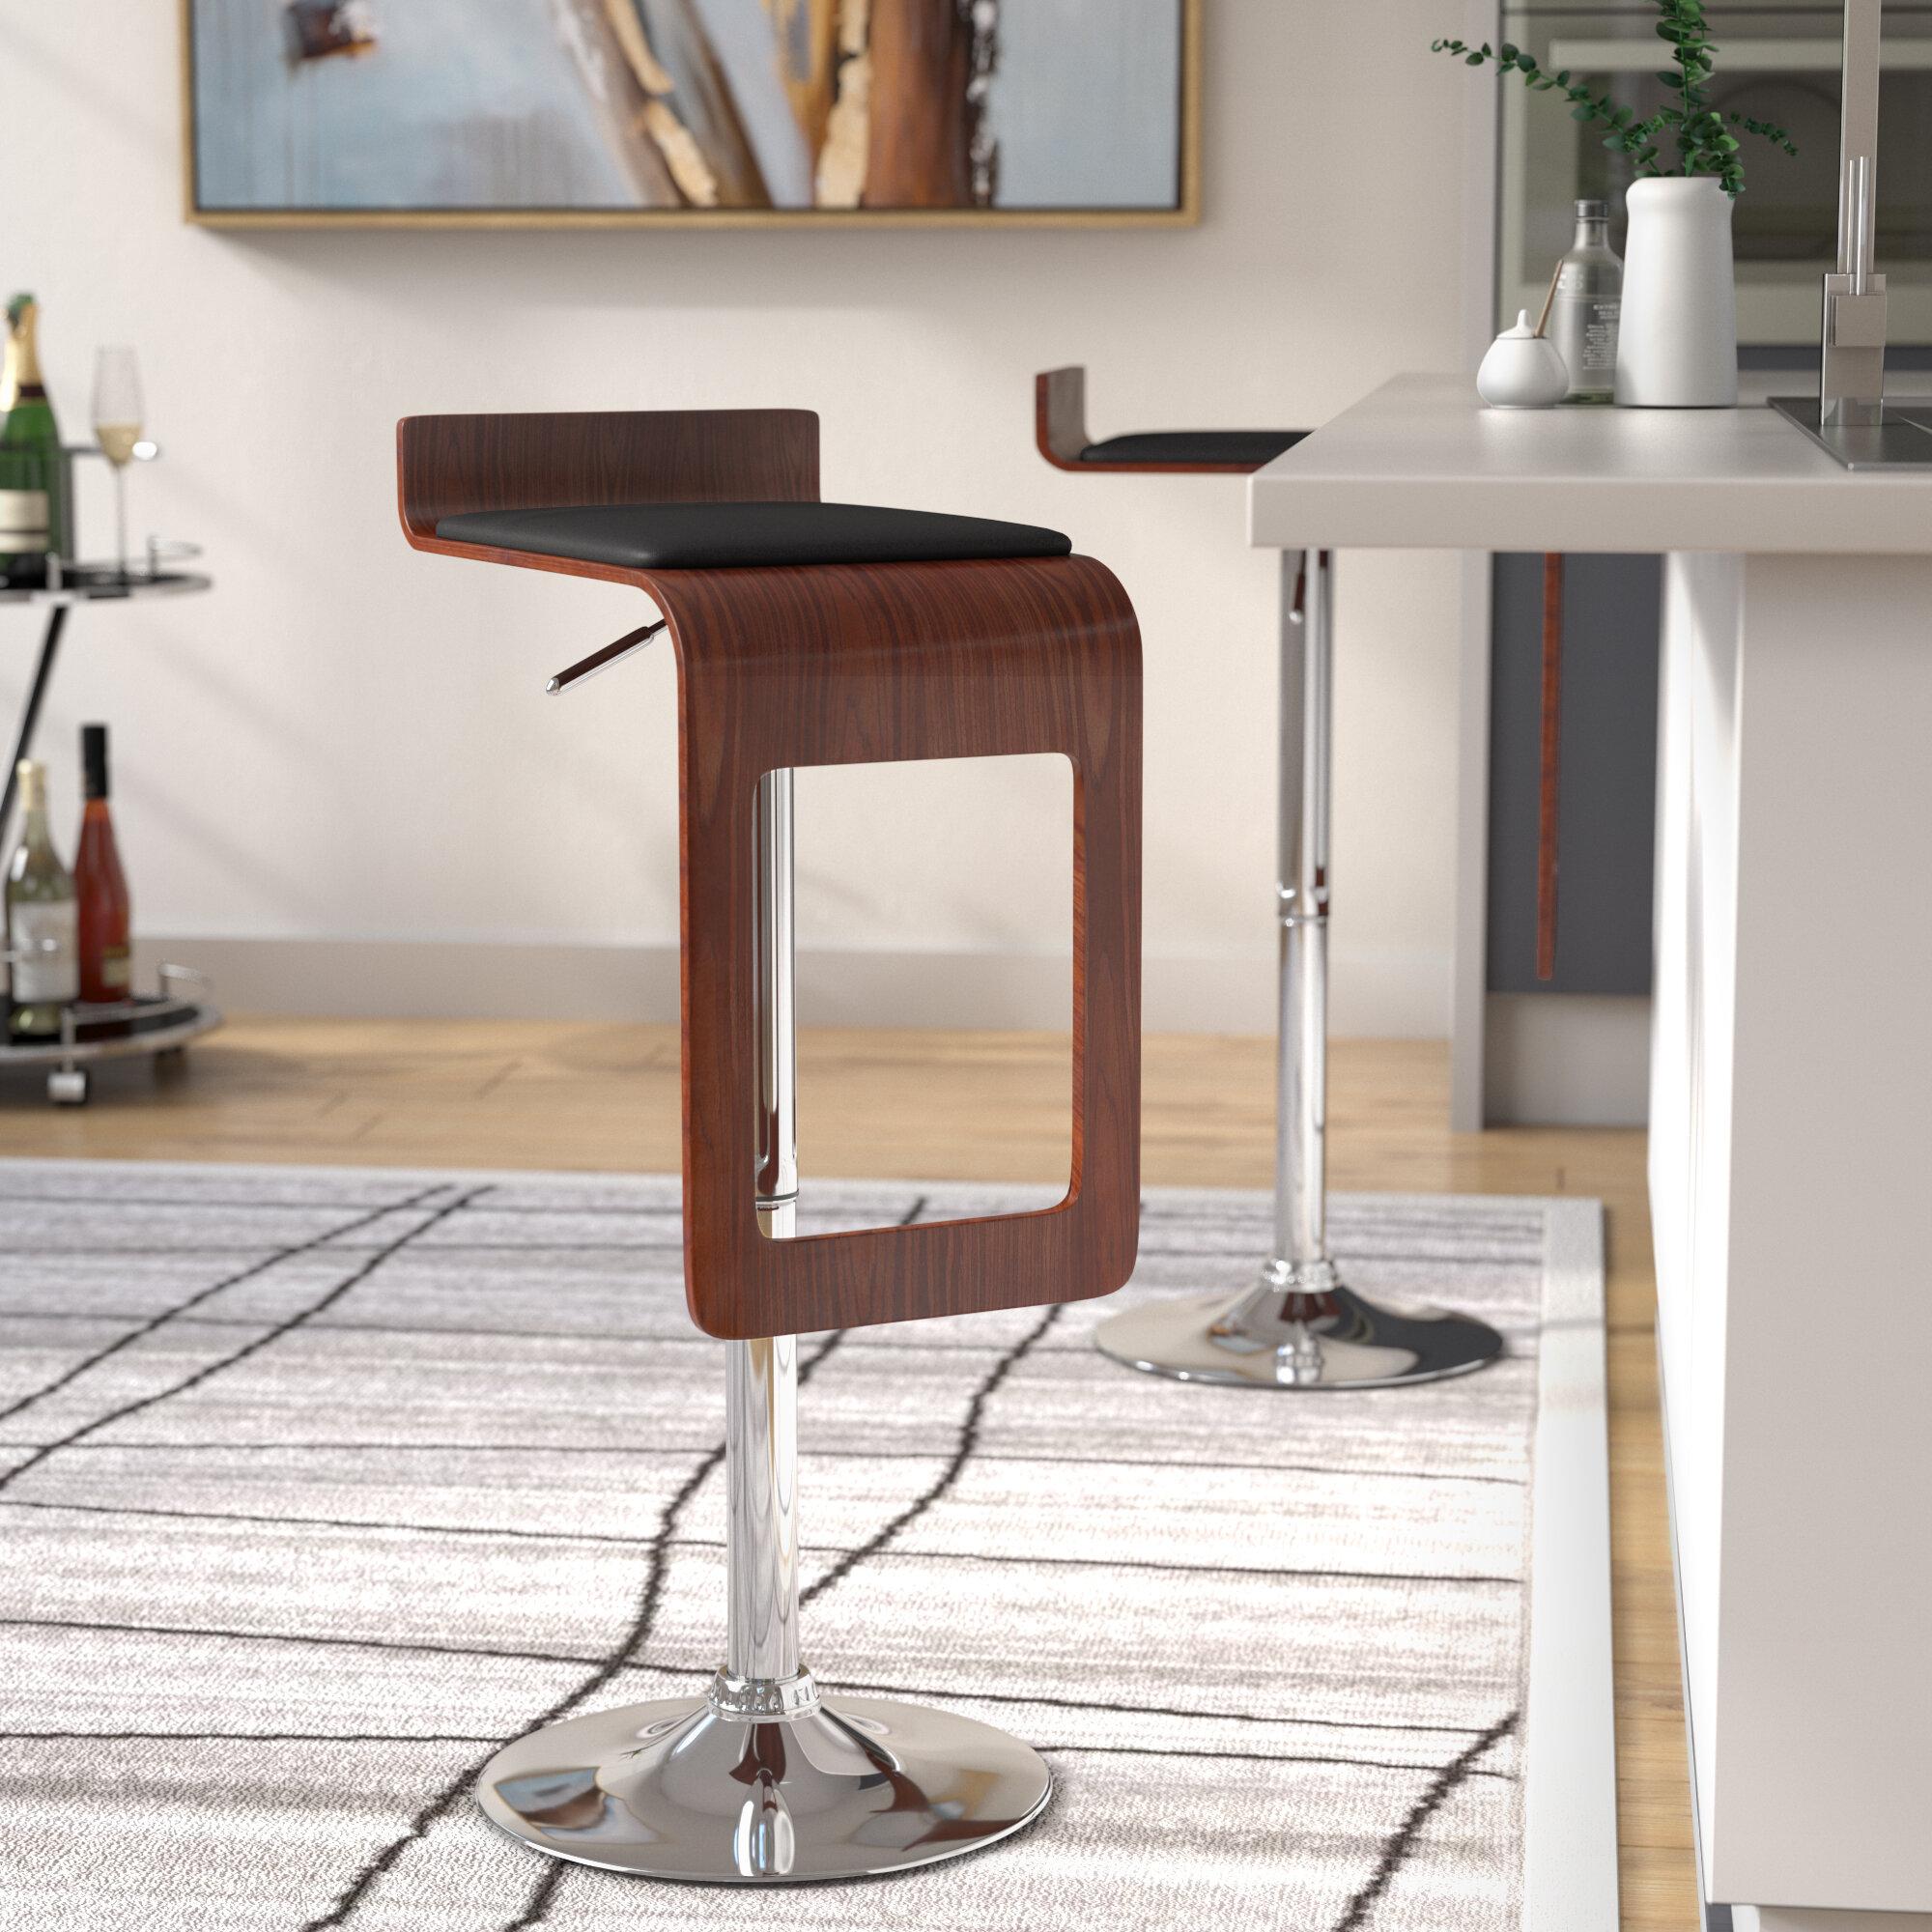 Phenomenal Catina Adjustable Height Swivel Bar Stool Uwap Interior Chair Design Uwaporg